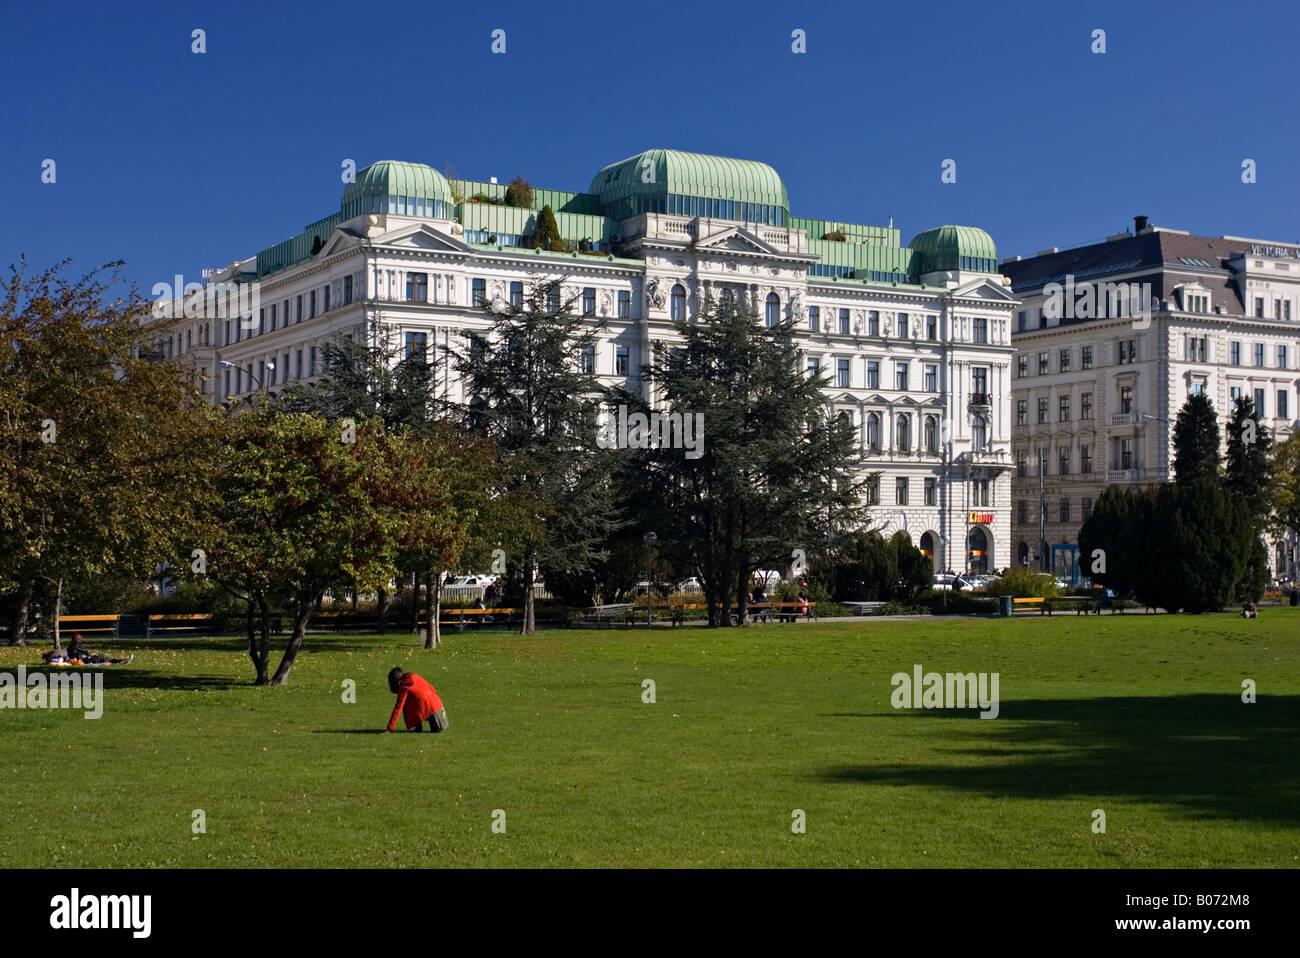 Sigmund Freud Park Vienna - Stock Image